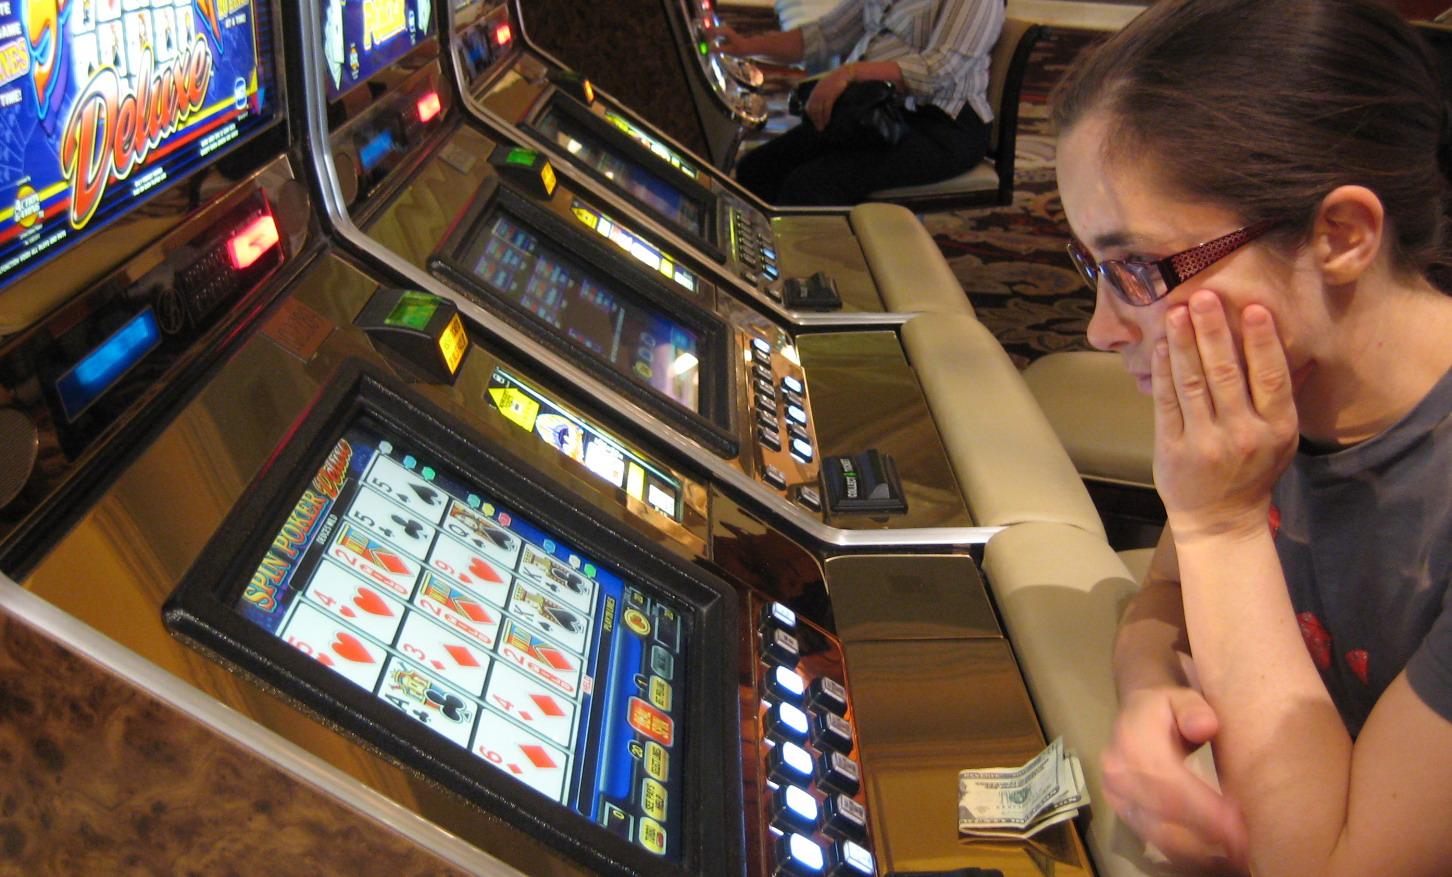 Problem gambling forum 2012 gambling magazine gambling online magazine